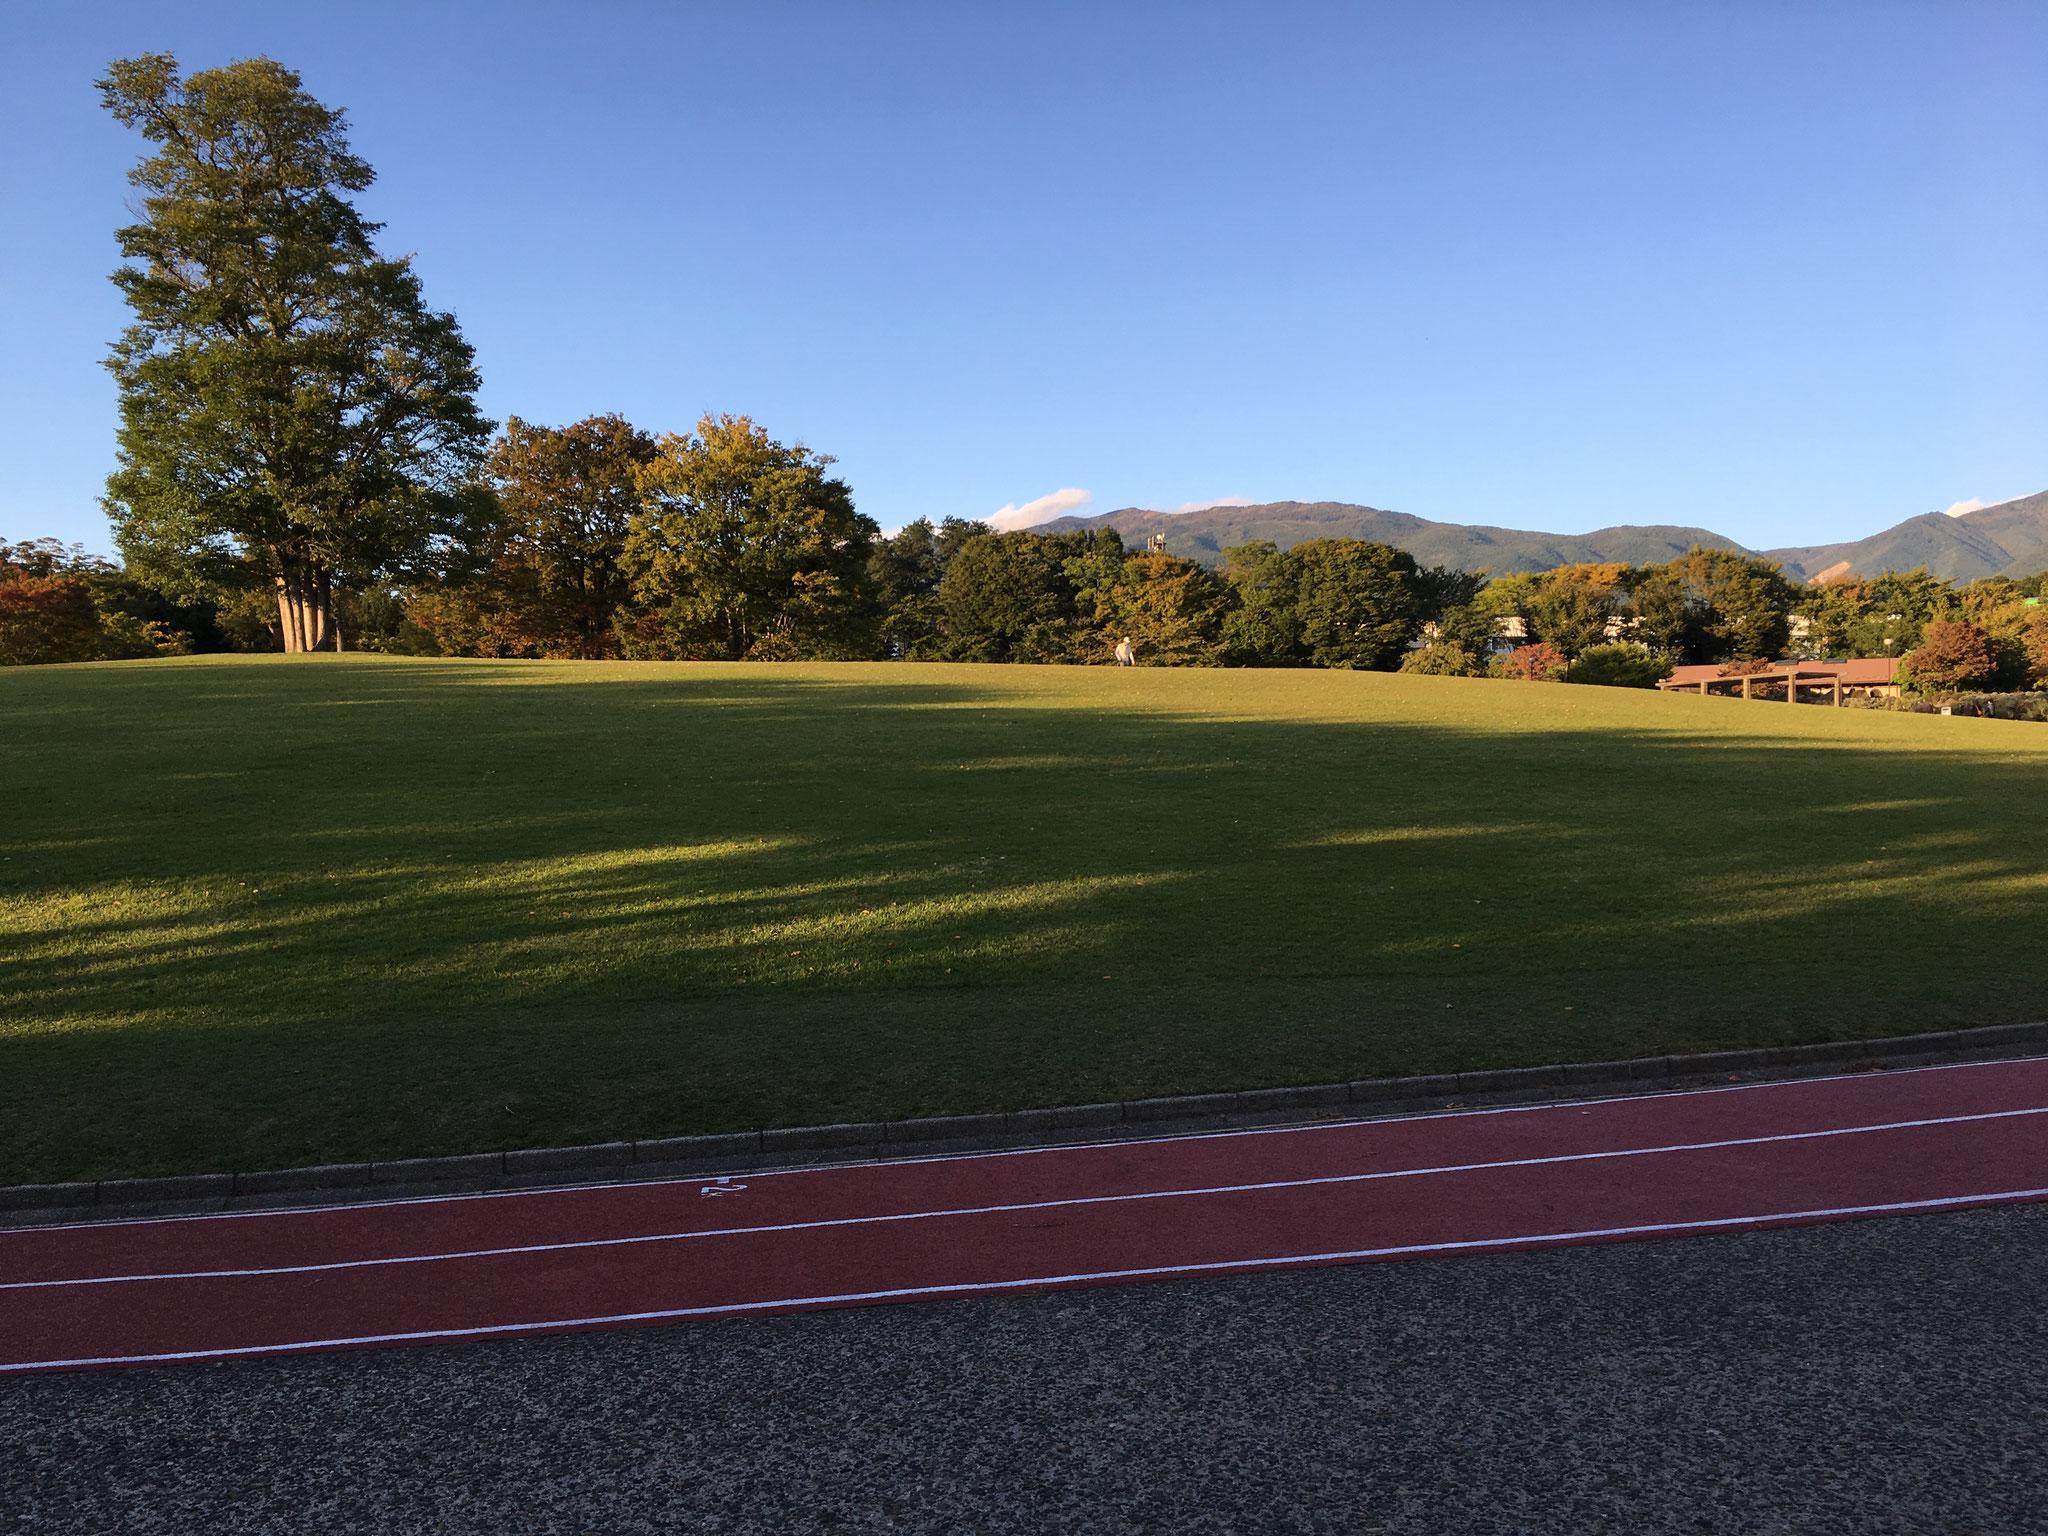 芝生広場のジョギングコース